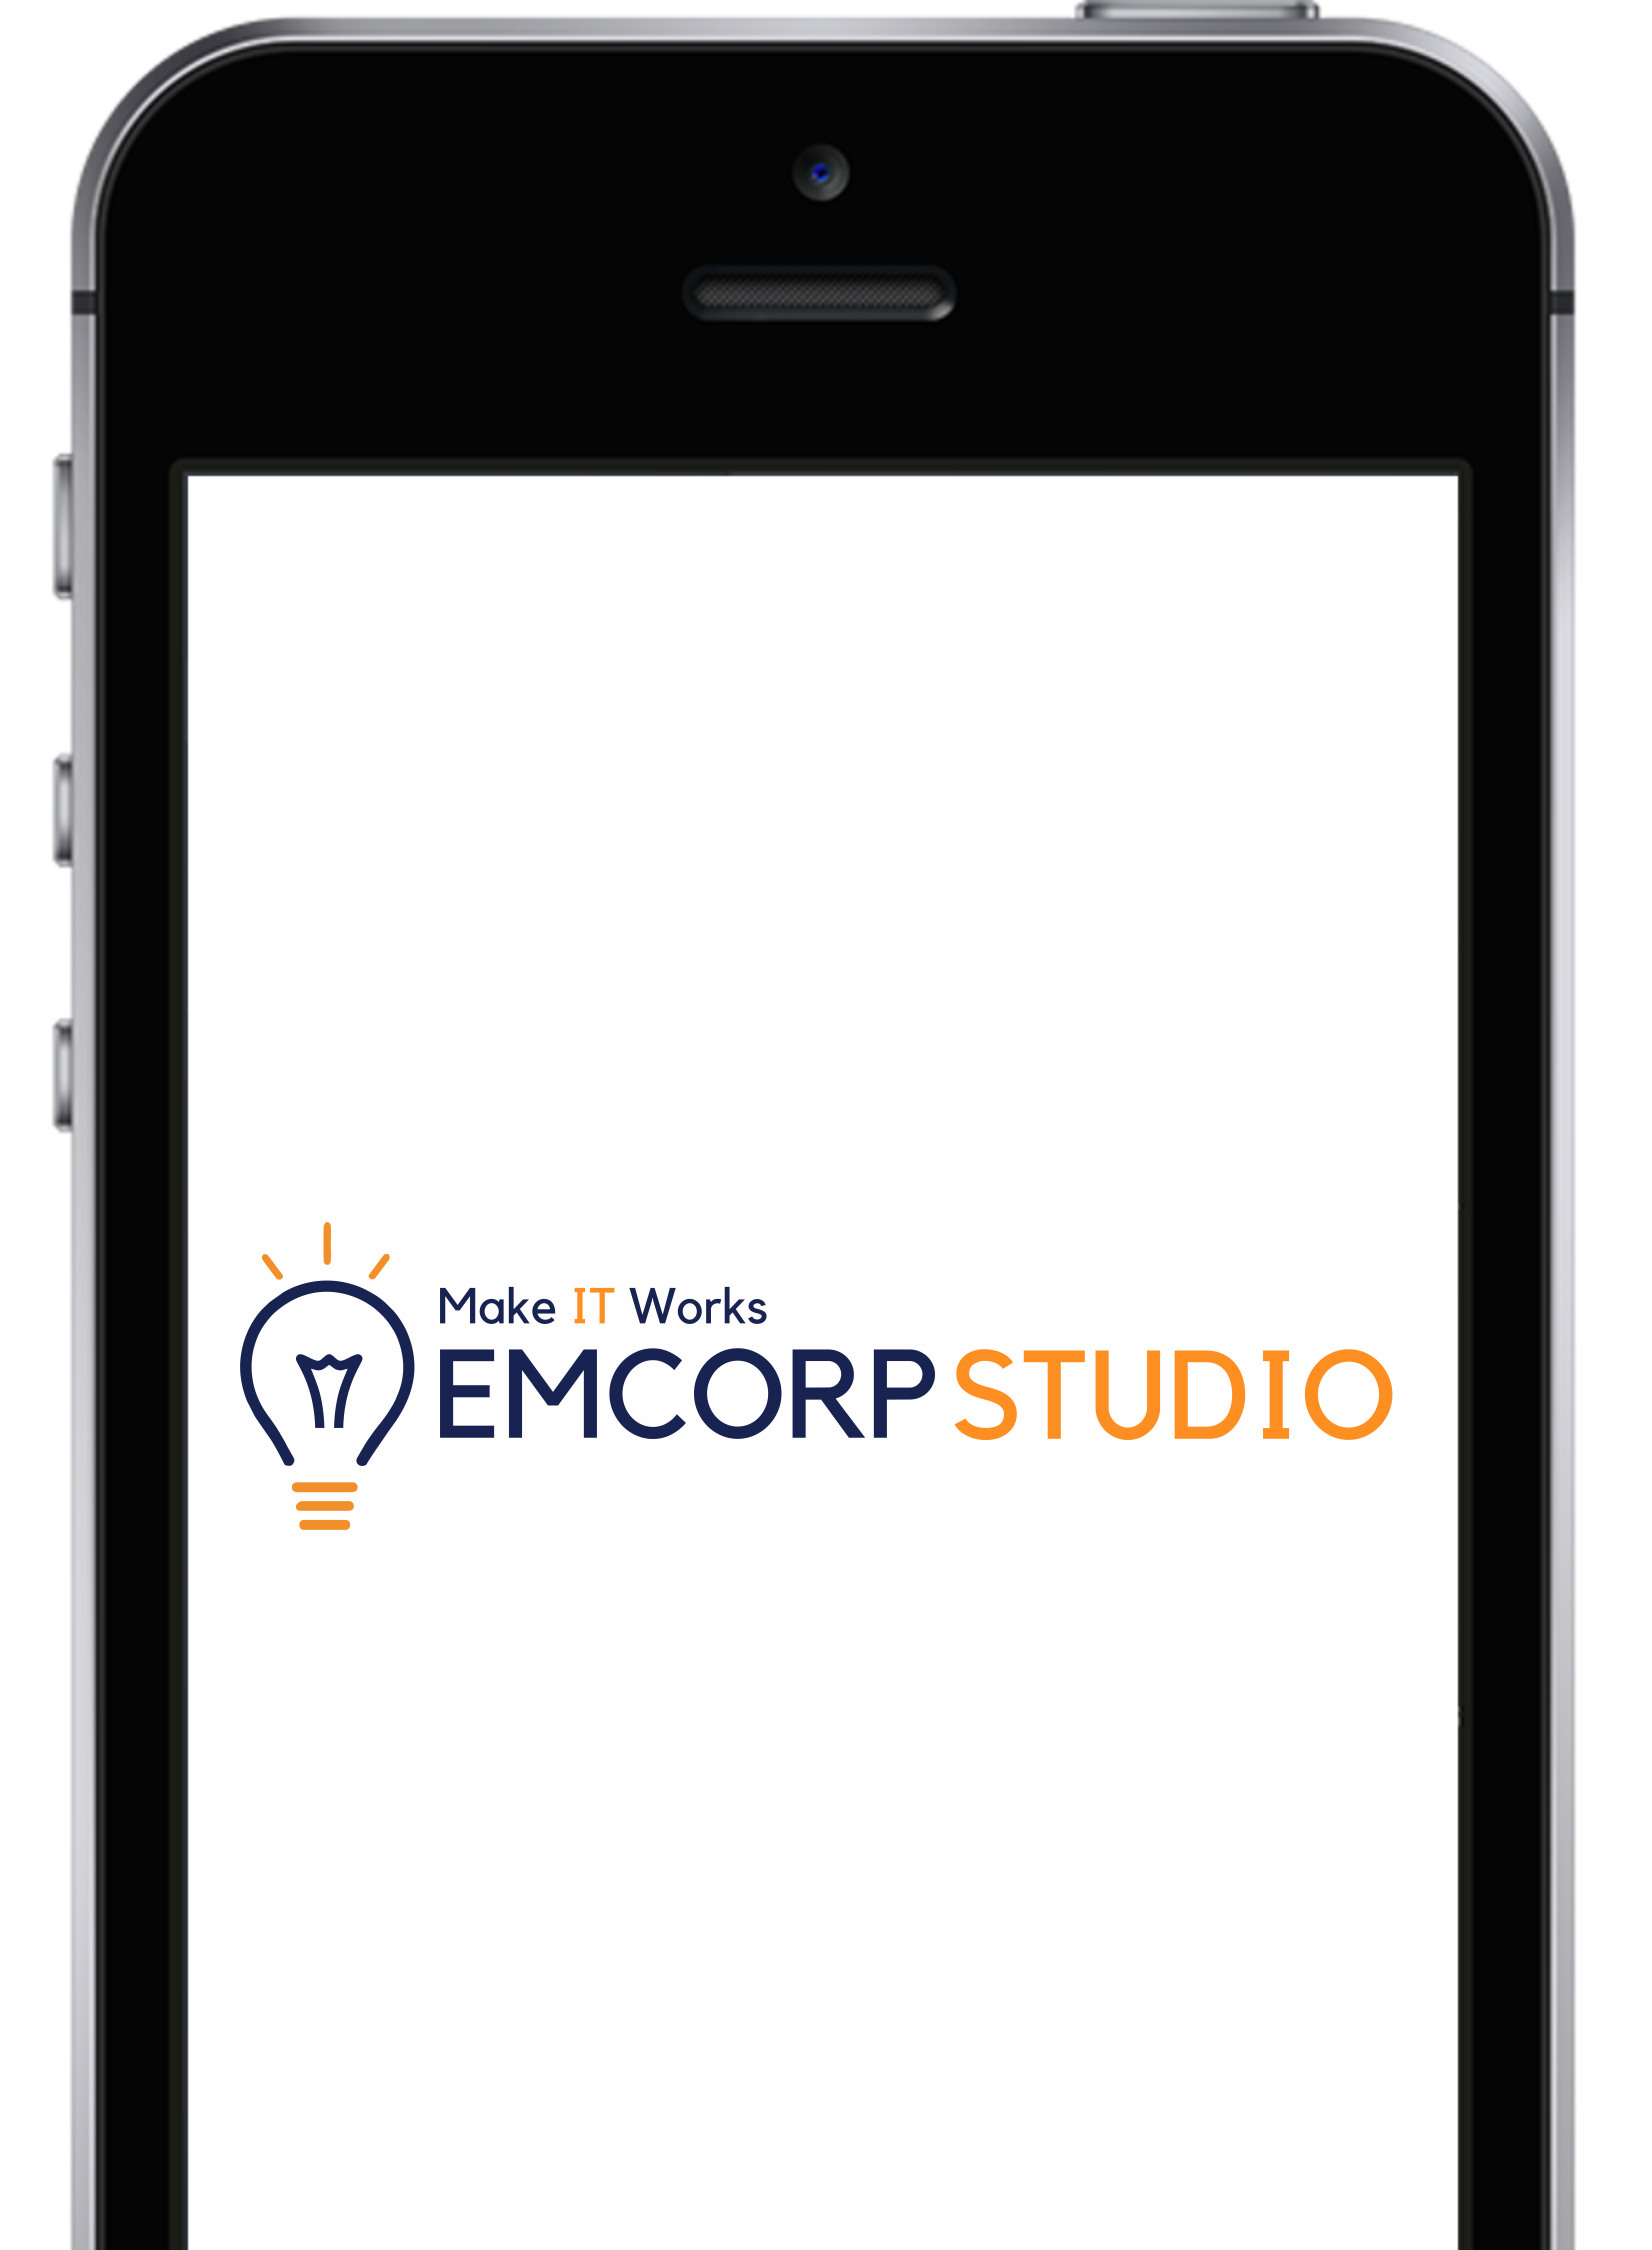 Jasa Pembuatan Aplikasi, Website, Desain, Percetakan & General Supplier